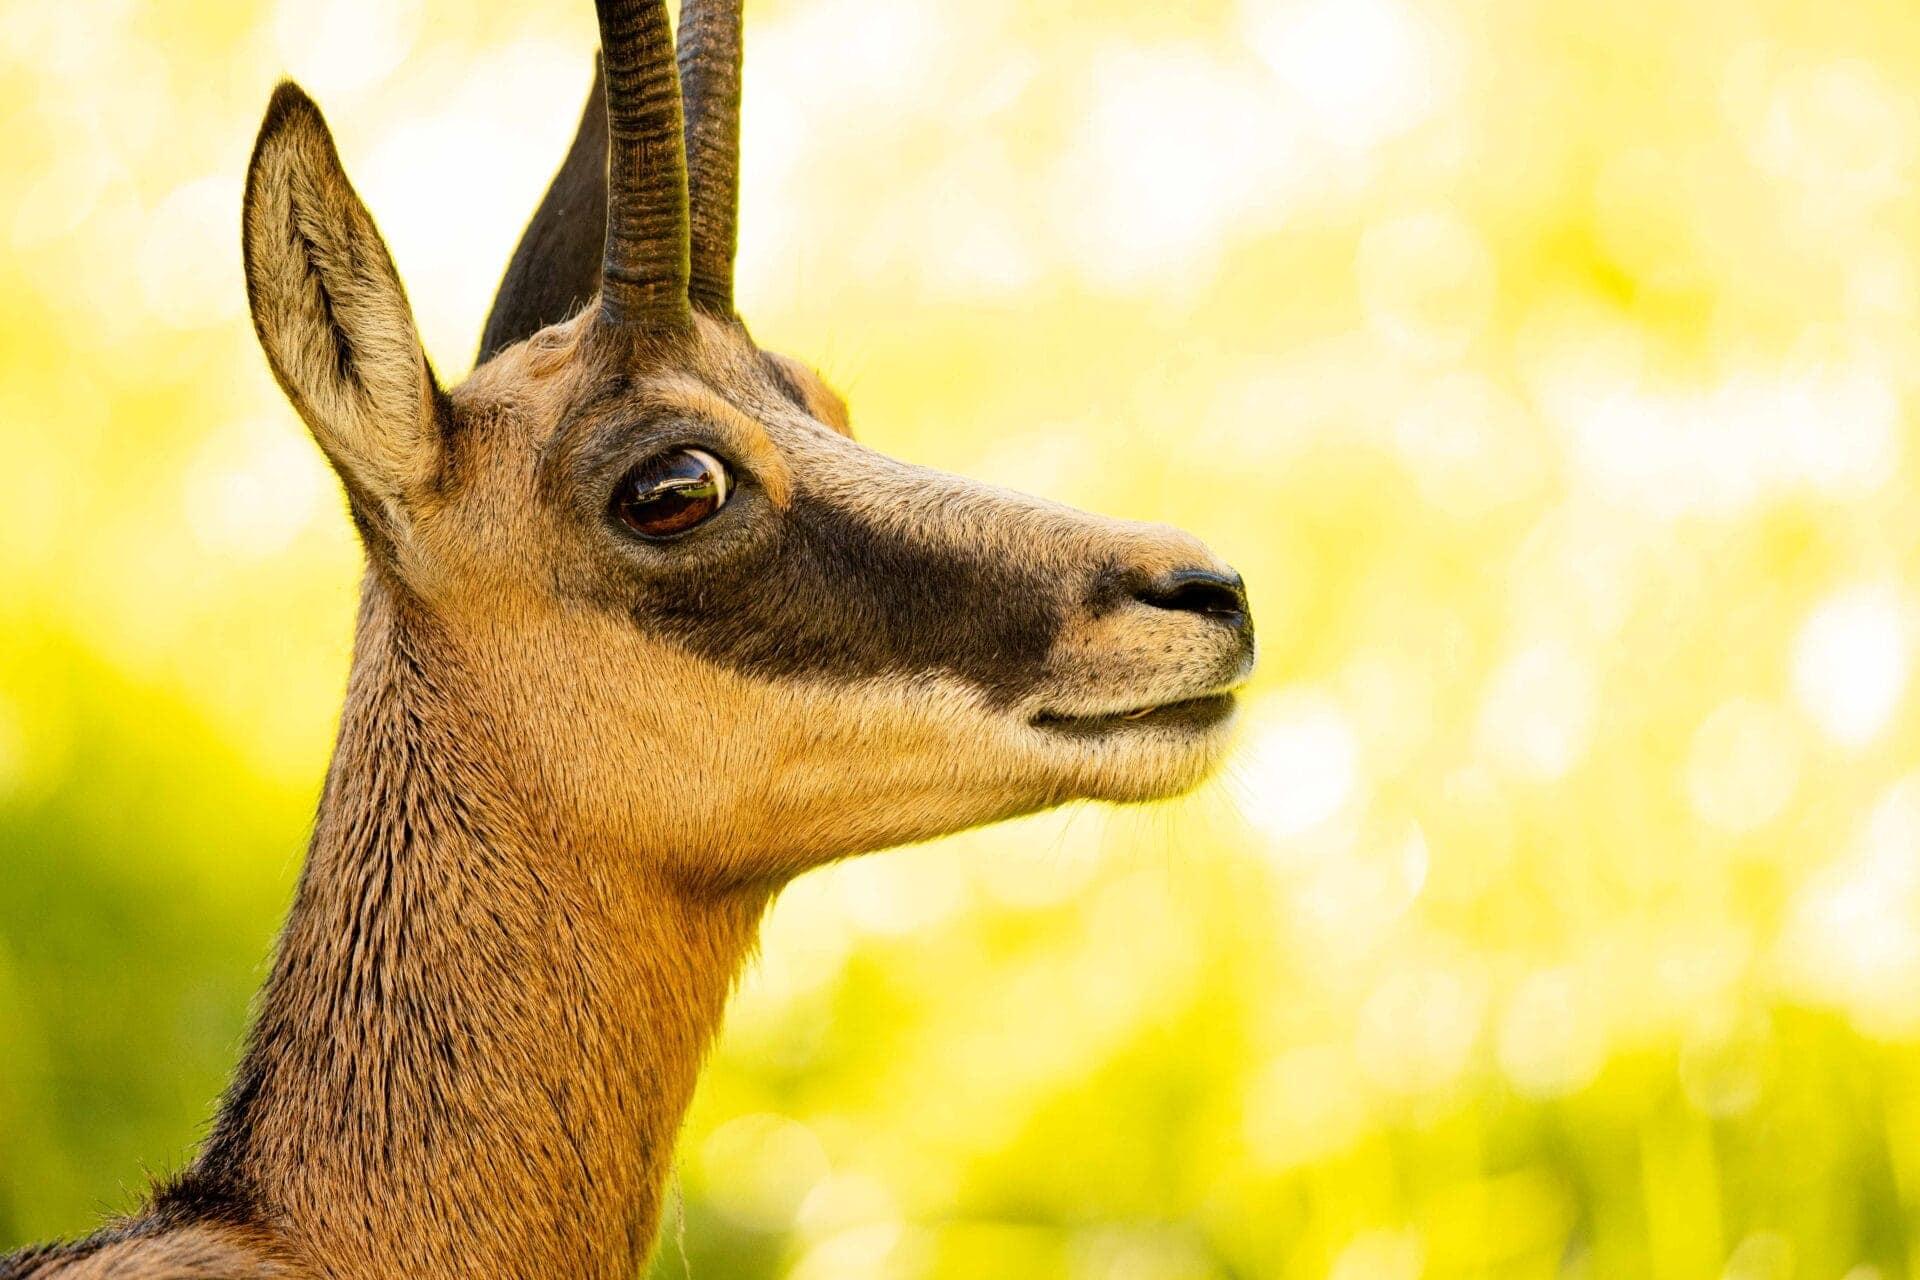 Gämse_Tierbilder_Tiere_Jonas_Schäfer_Fotografie_Jungfrau_Region_Berner_Oberland_3